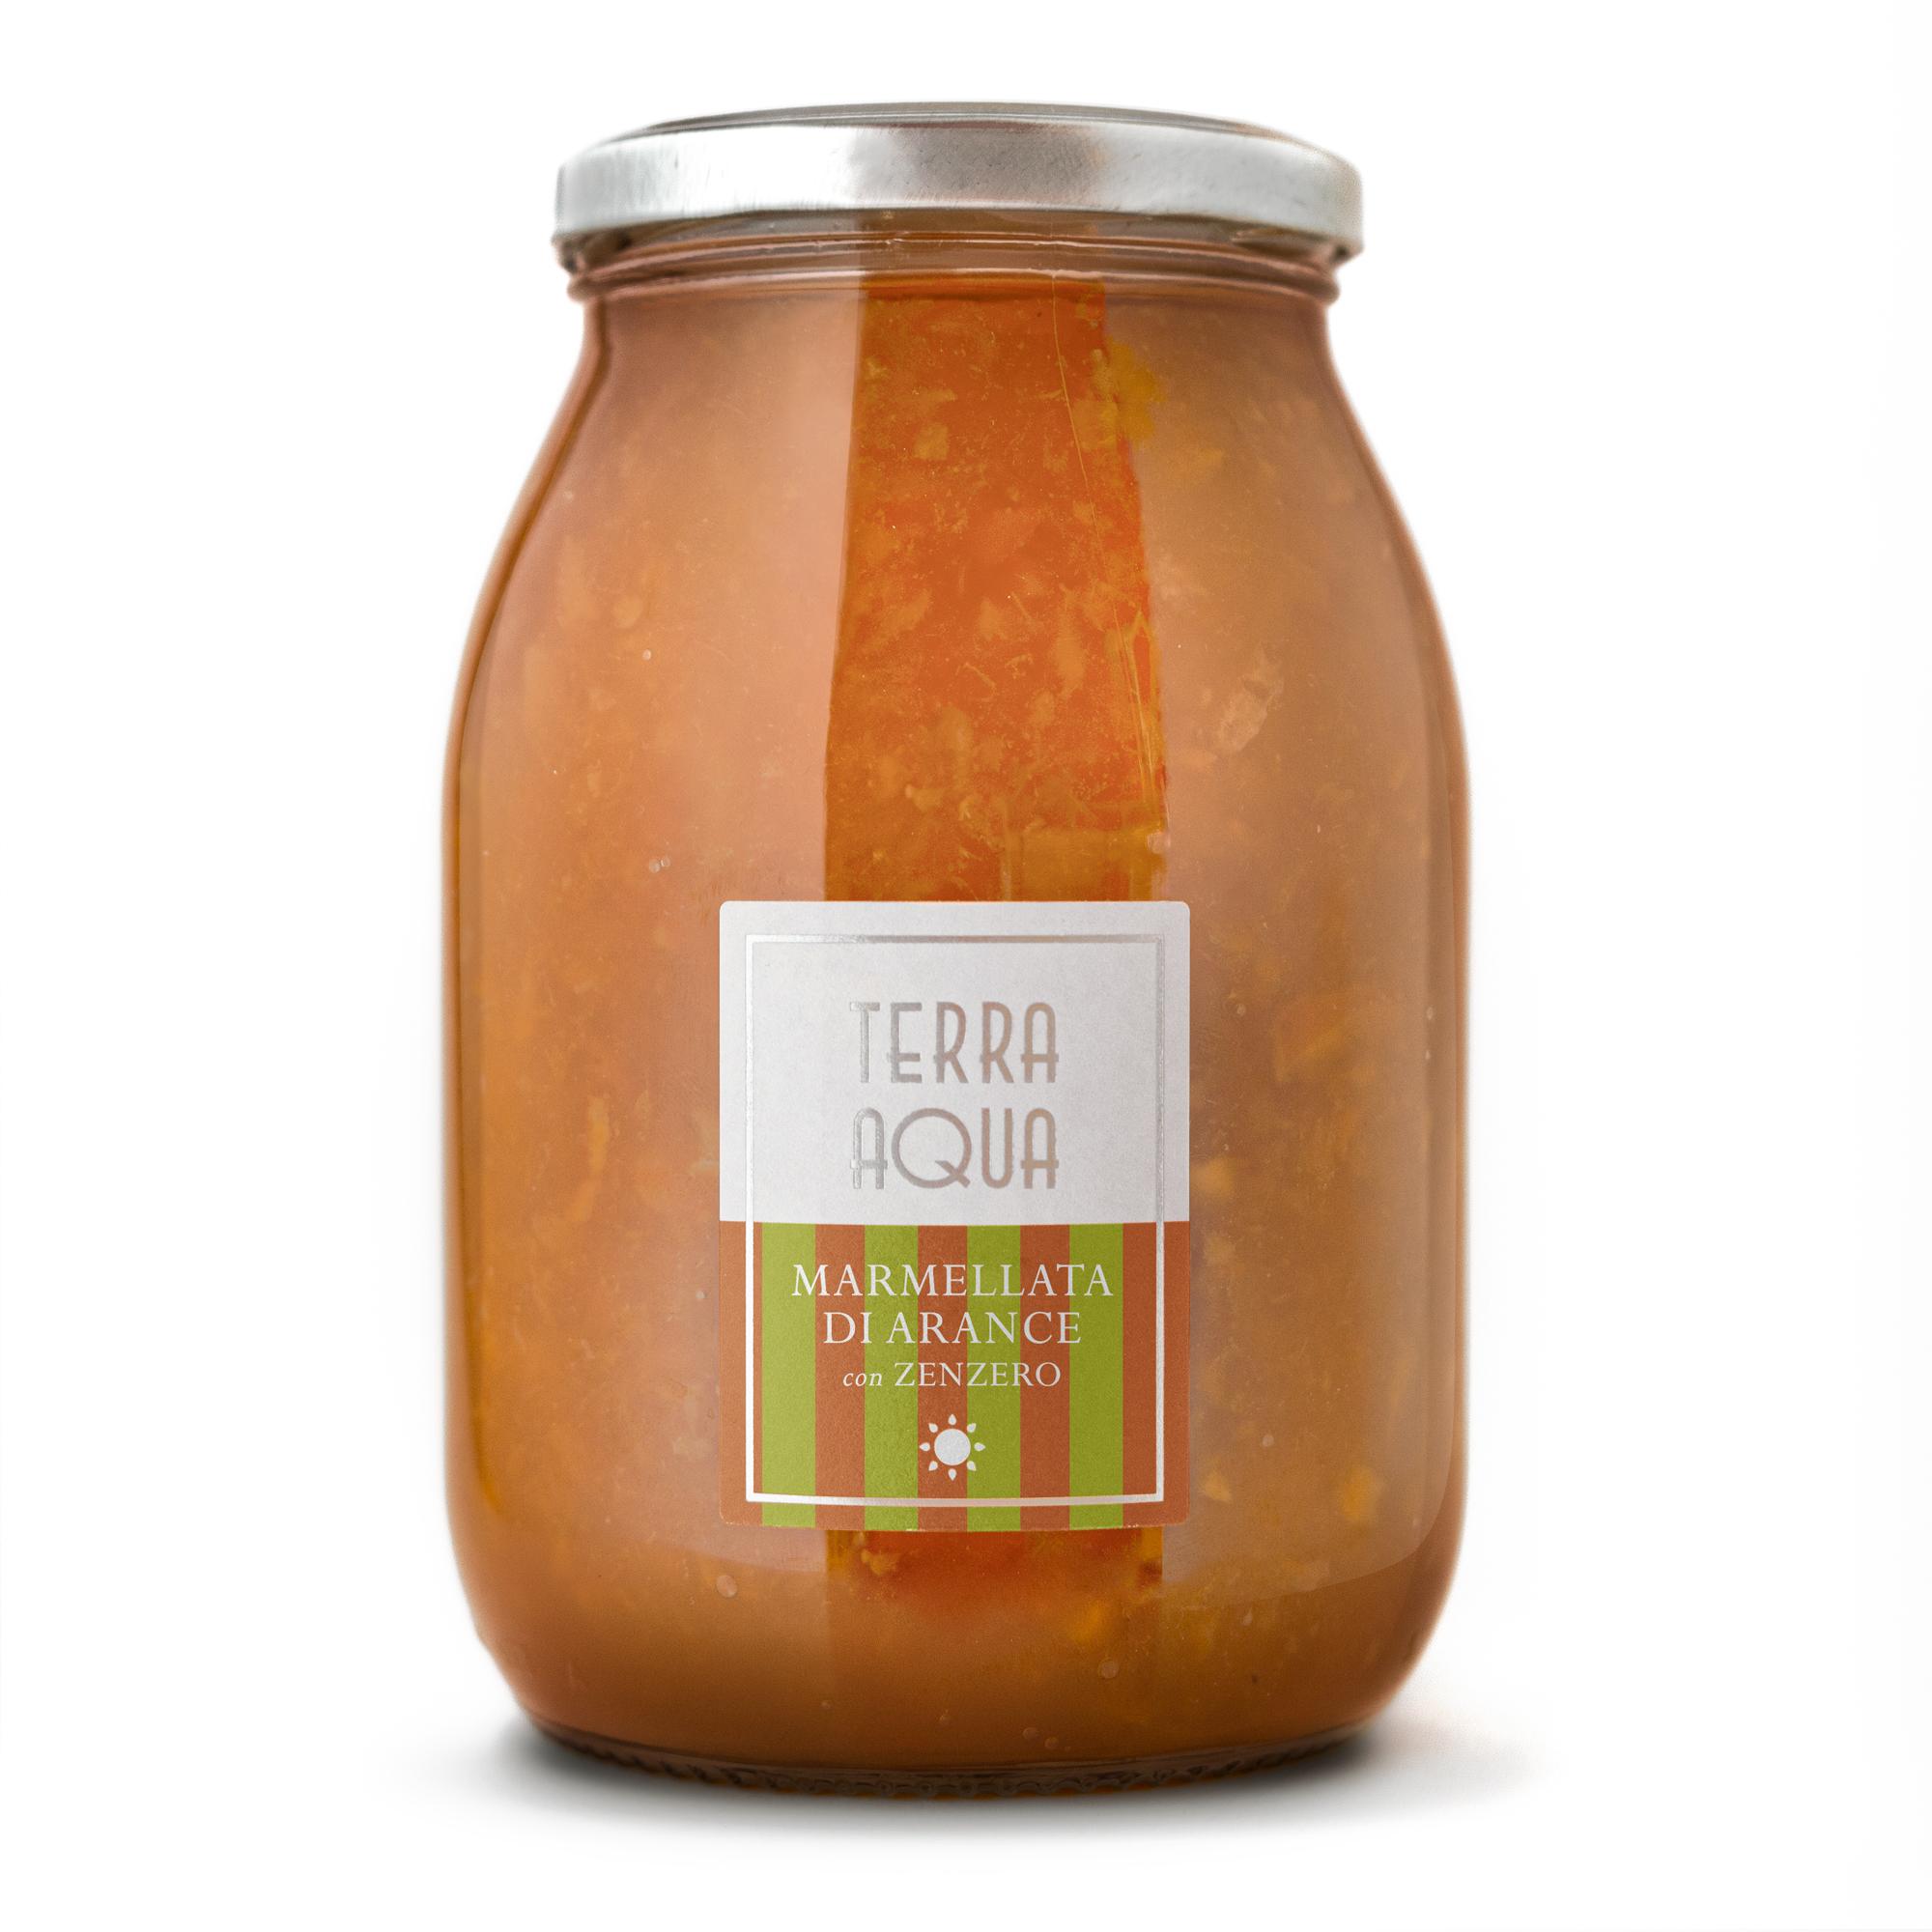 Marmellata di Arance Tarocco con Zenzero | Peso netto 1200g |